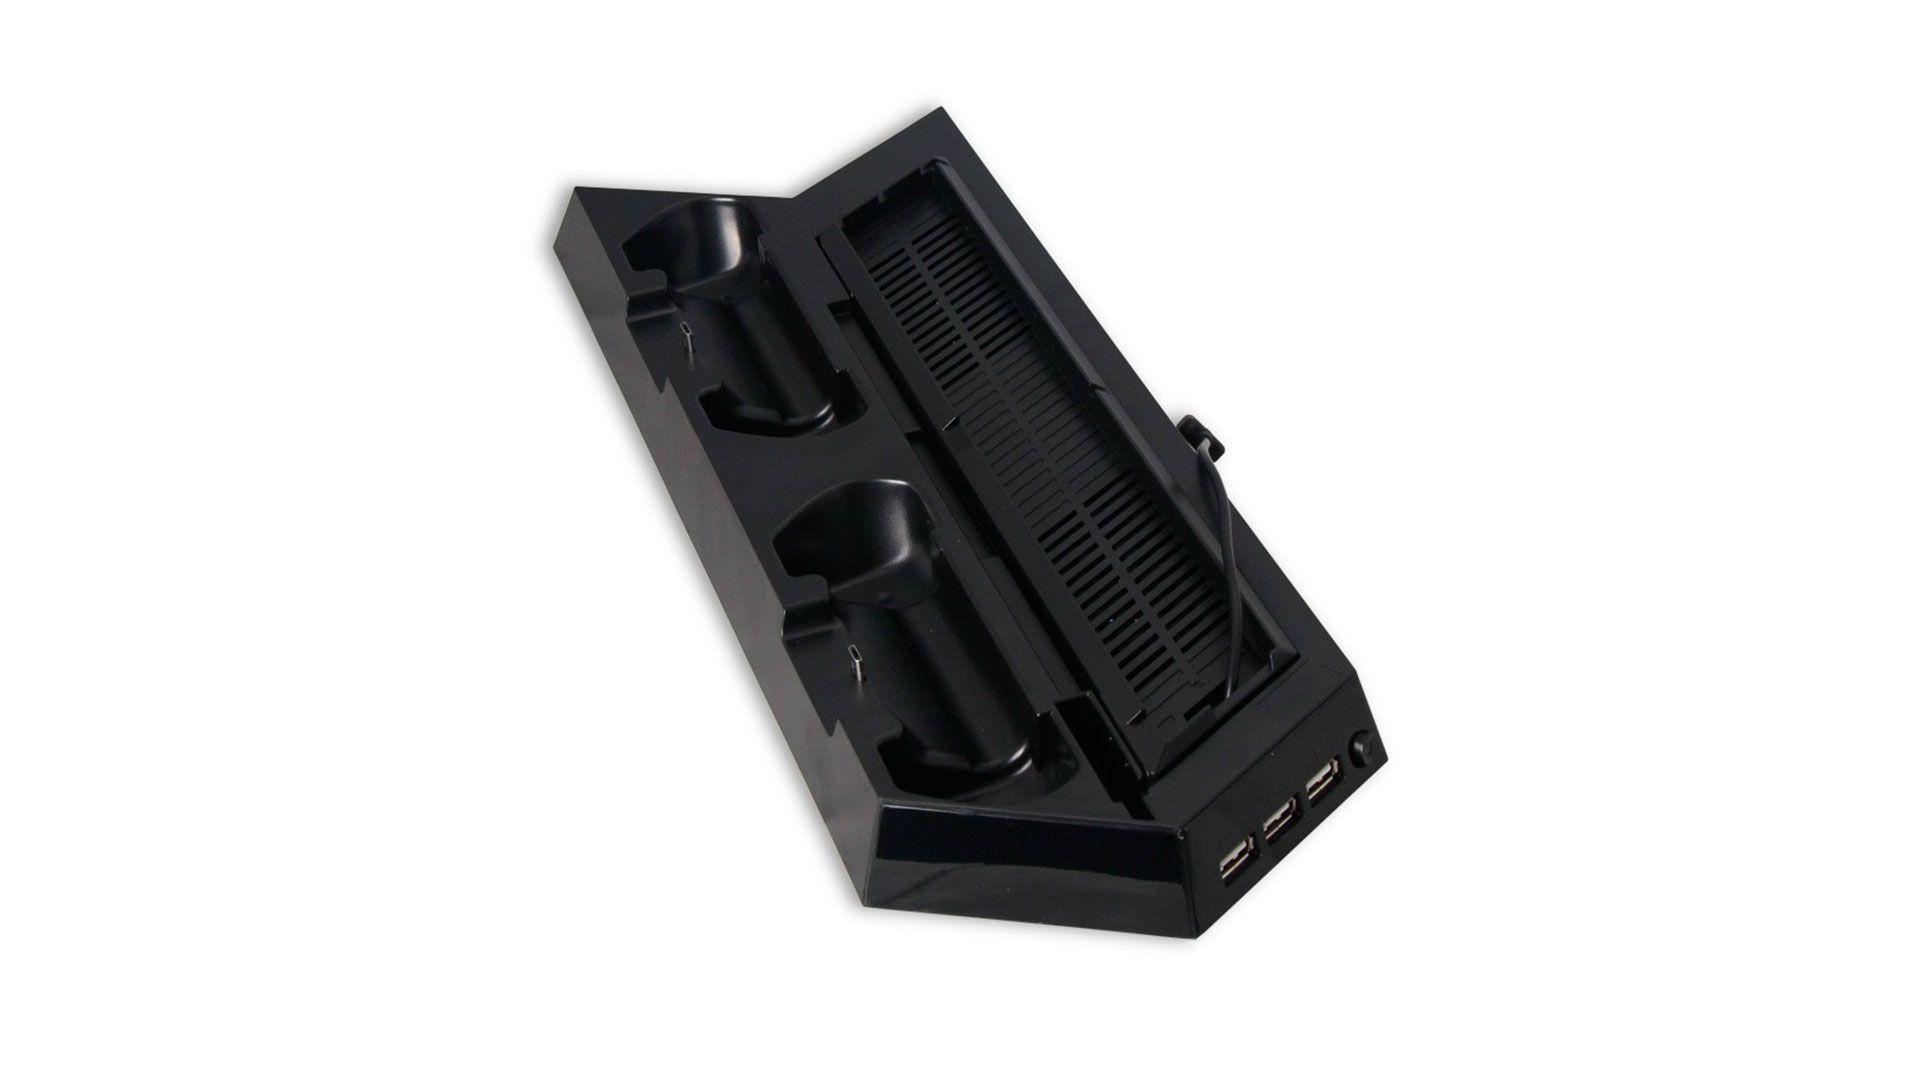 Вертикальный стенд с зарядкой для PlayStation 4 черный [PS4ST21]